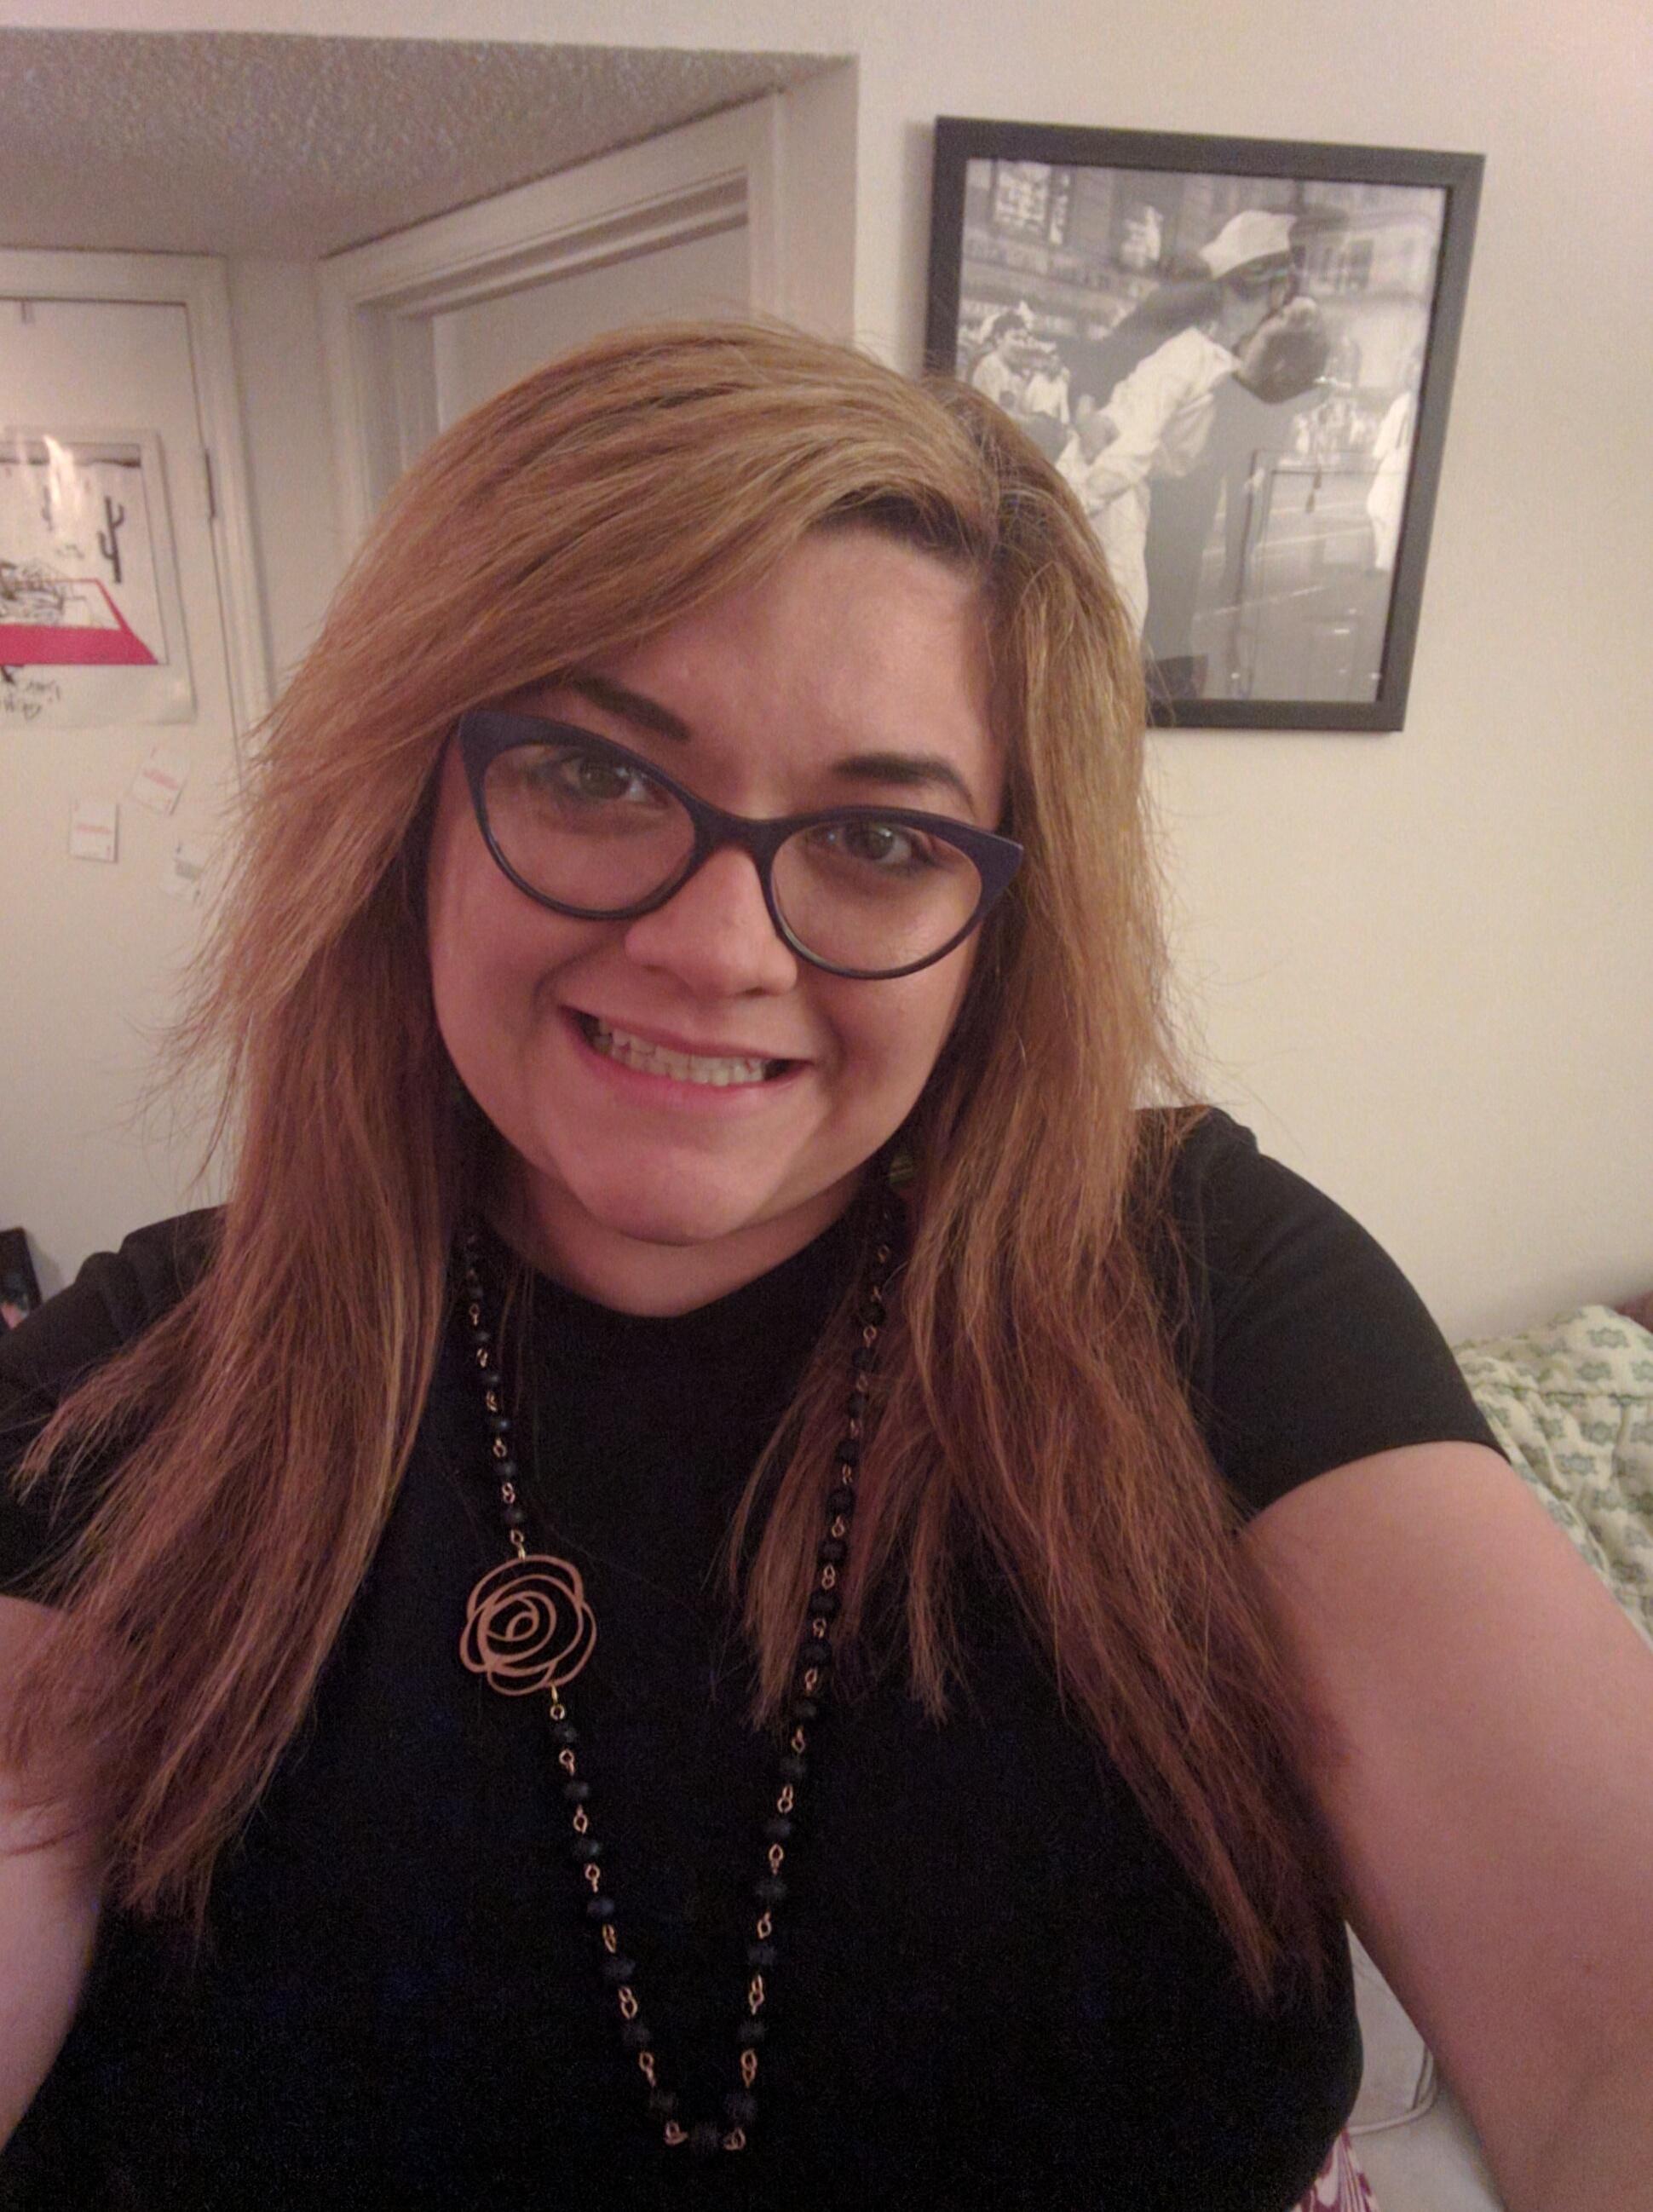 Ashley Profile Image